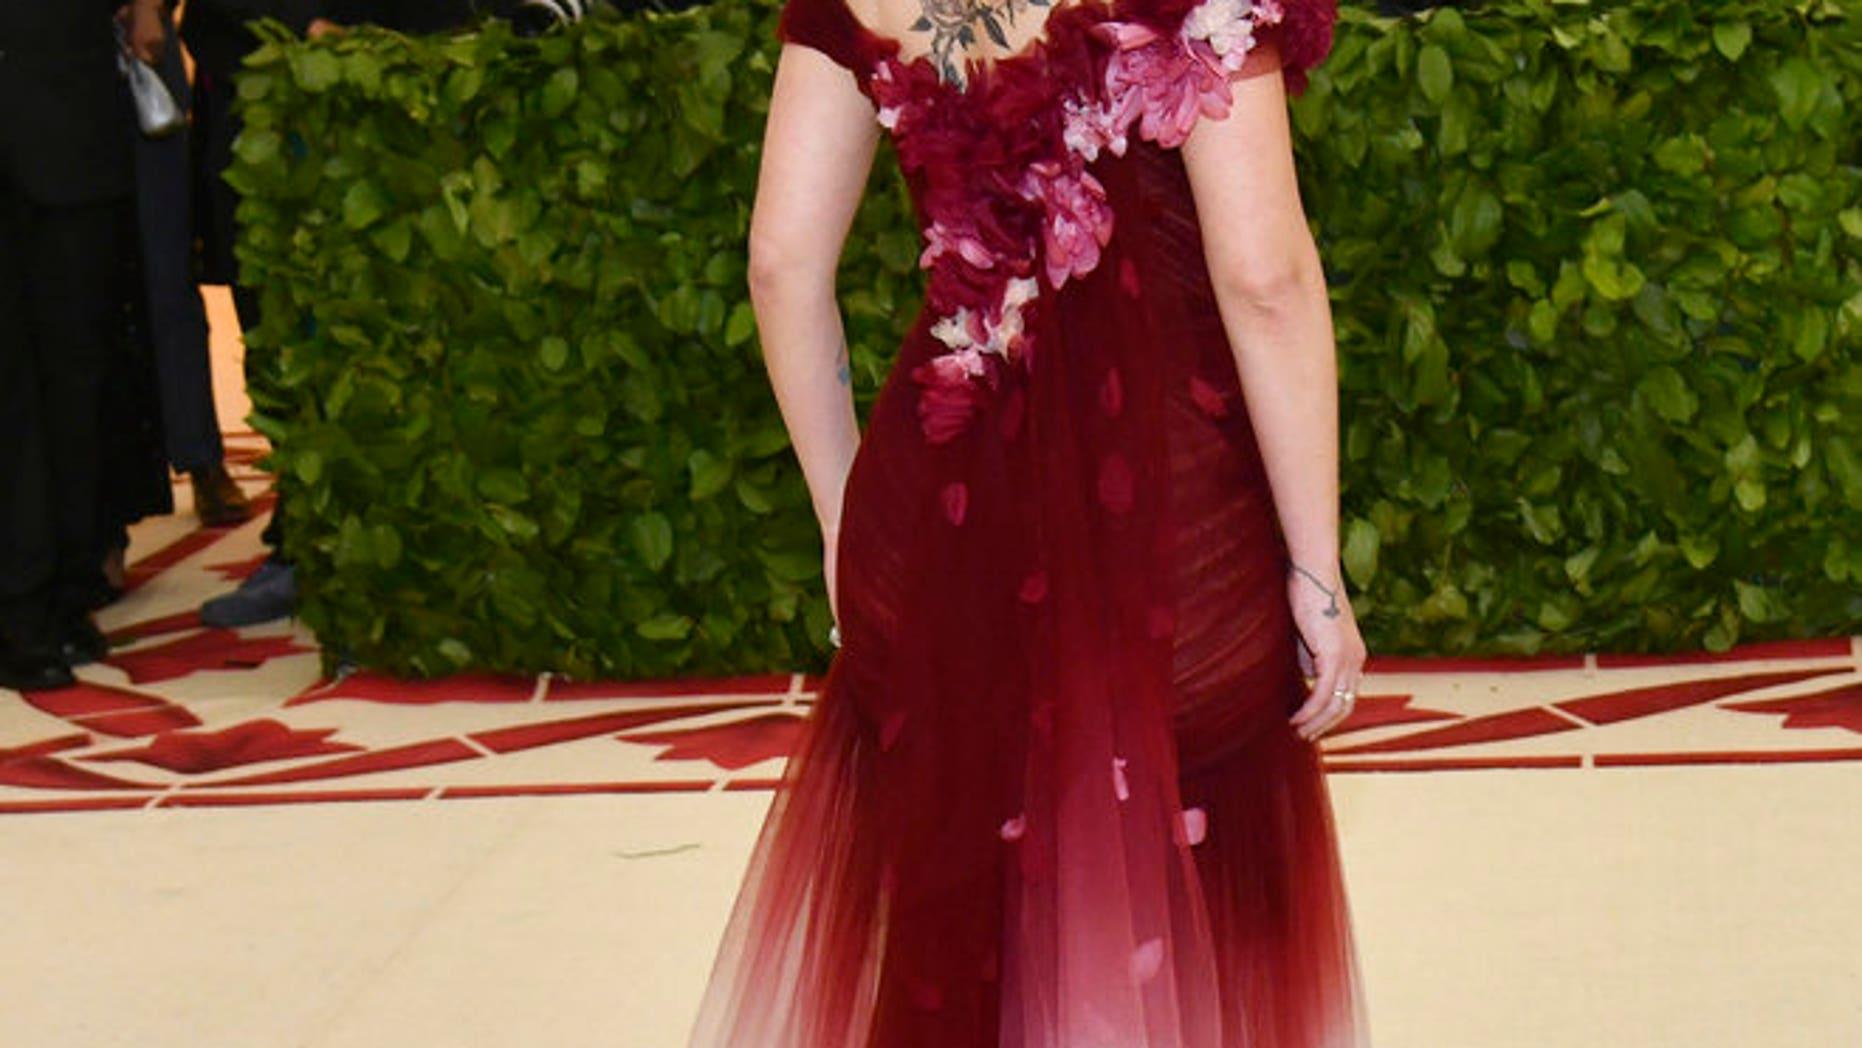 Scarlett Johansson attended to Met Gala wearing Marchesa.